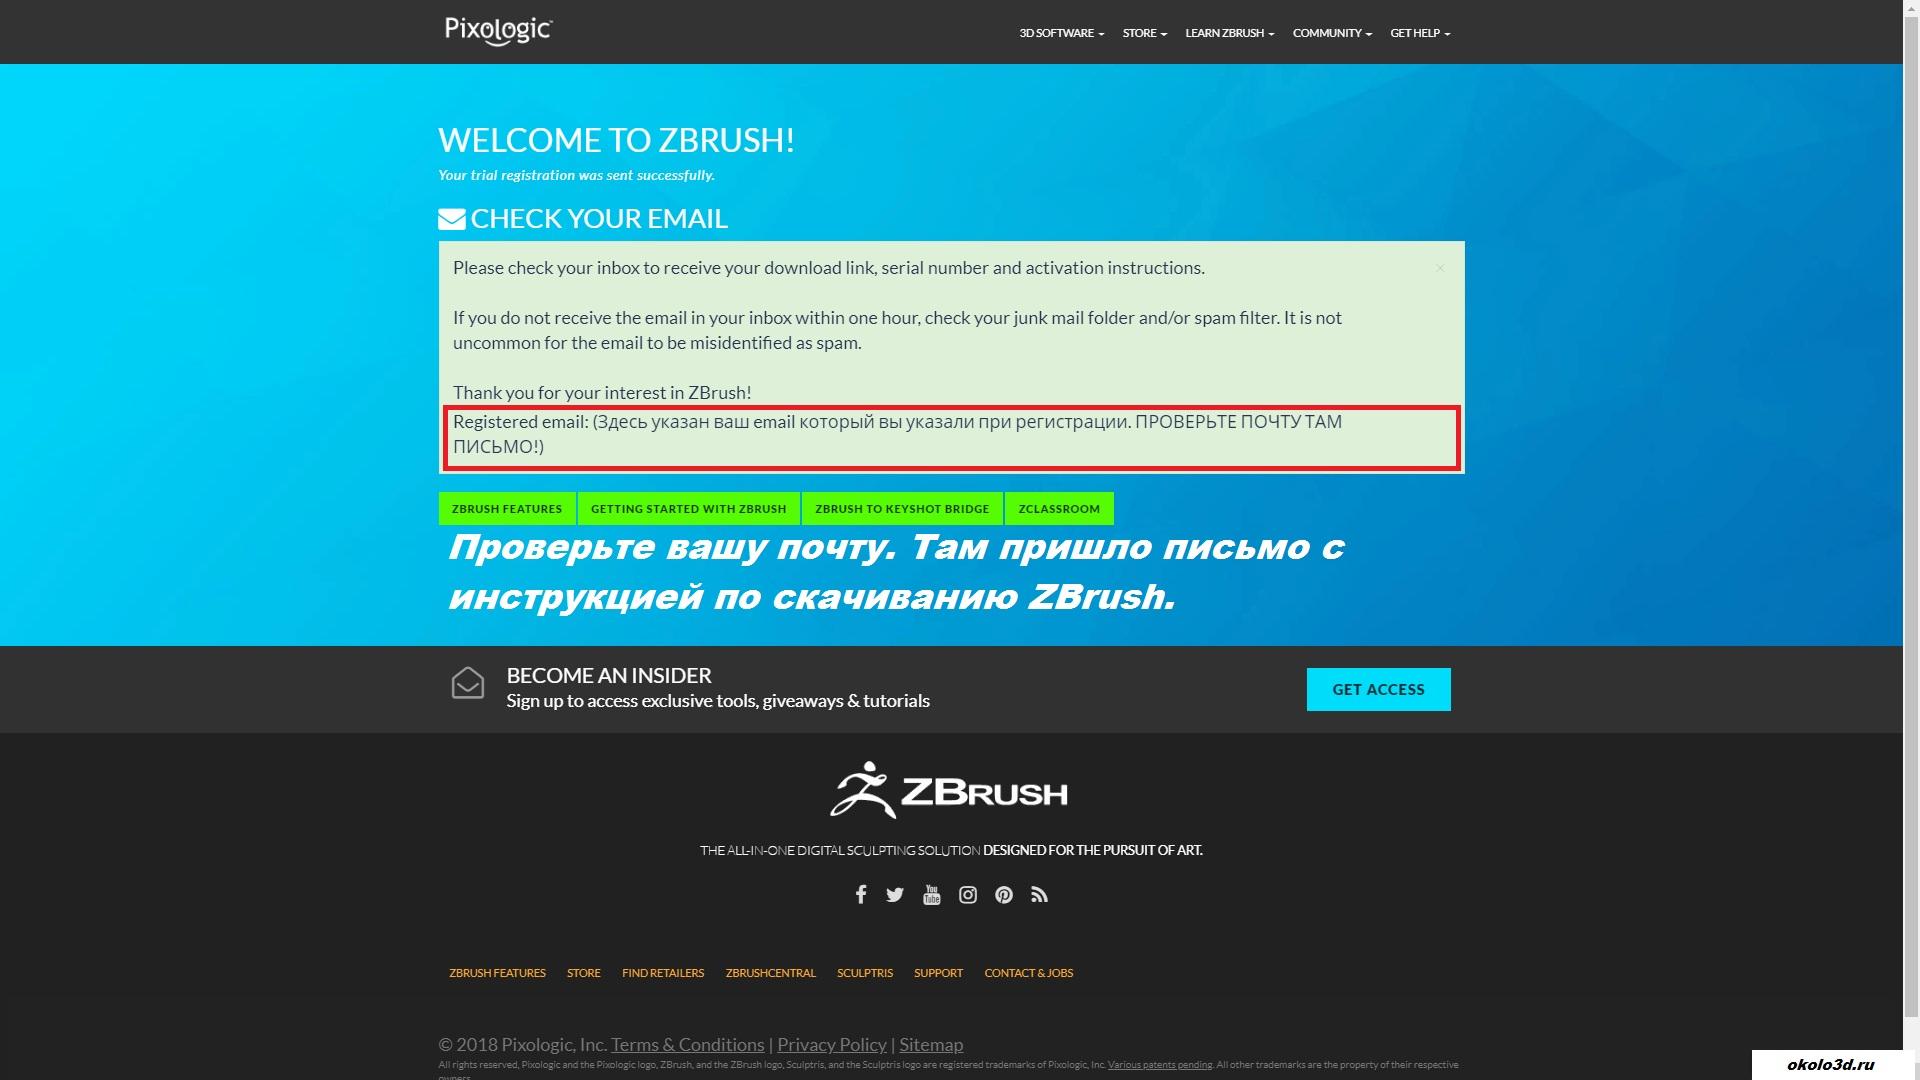 okolo3d.ru